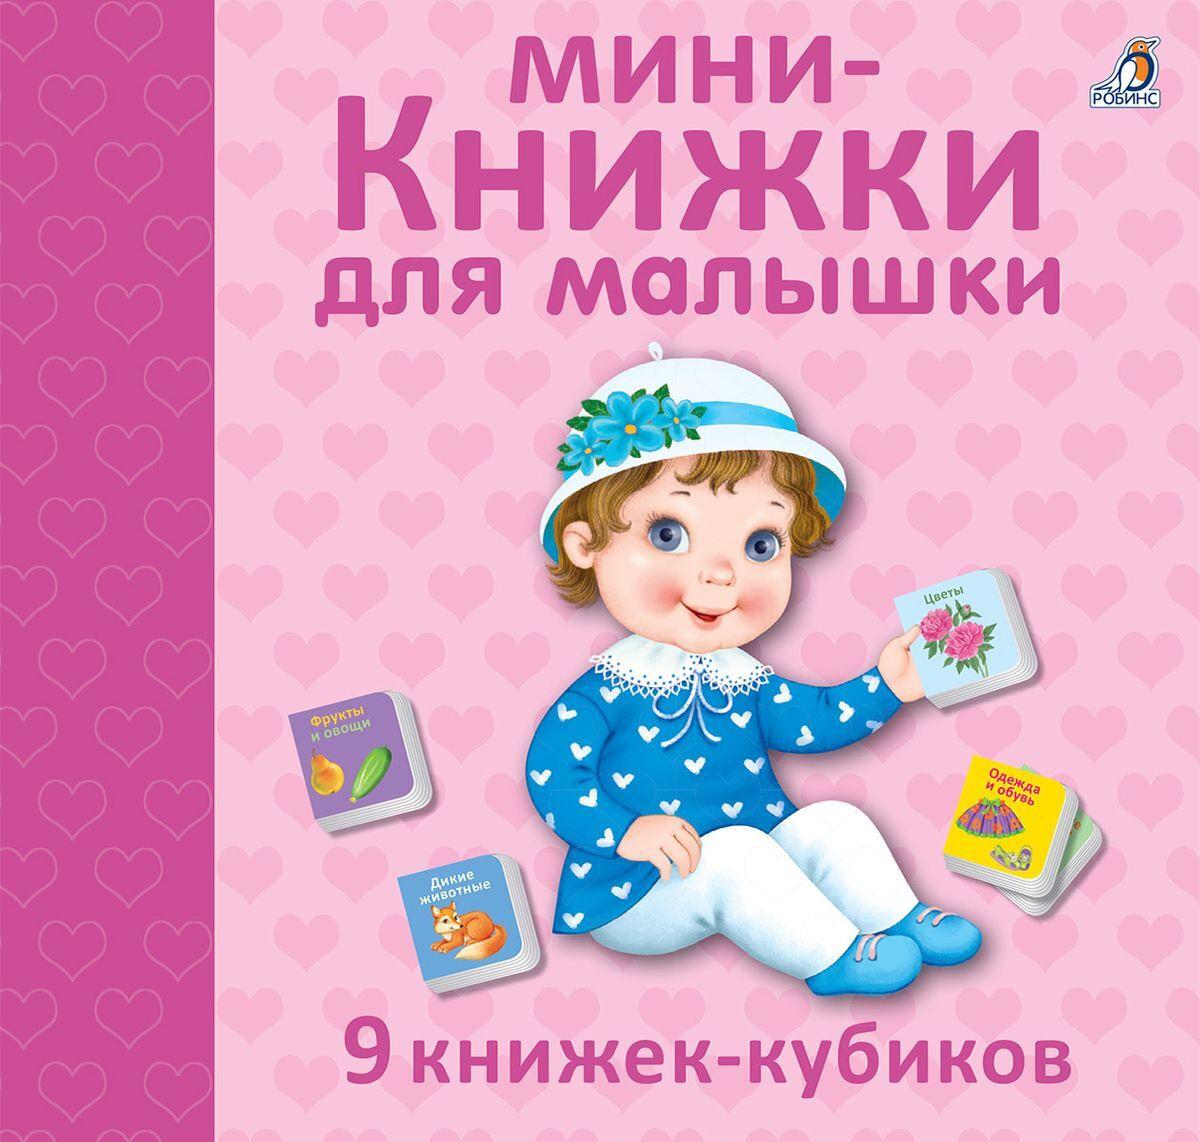 Мини - книжки для малышки. 9 книжек-кубиков #1